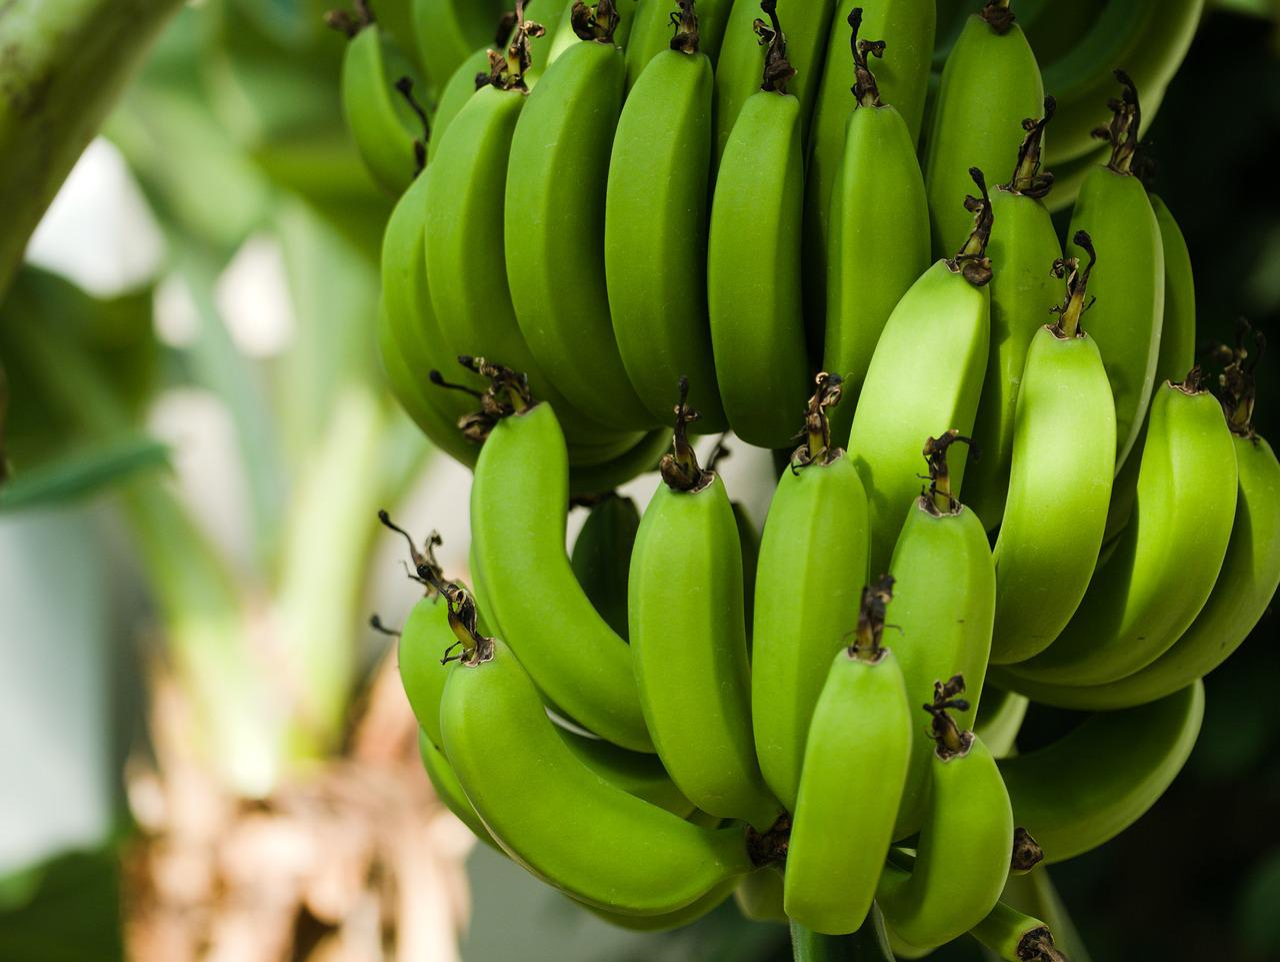 всего посадить картинка дерево бананы родину после учебы